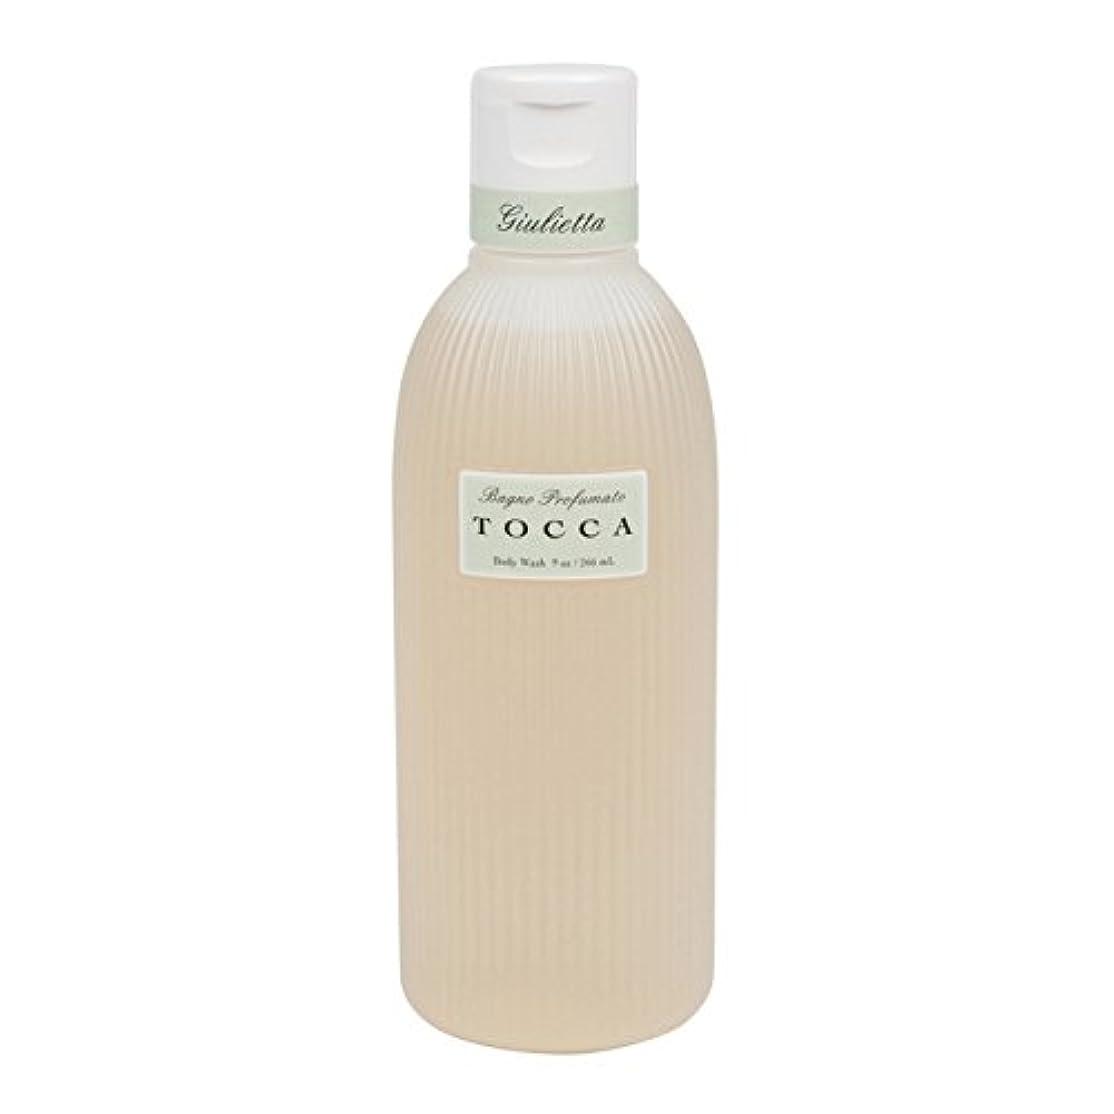 猫背ブルジョン立ち向かうトッカ(TOCCA) ボディーケアウォッシュ ジュリエッタの香り  266ml(全身用洗浄料 ボディーソープ ピンクチューリップとグリーンアップルの爽やかで甘い香り)